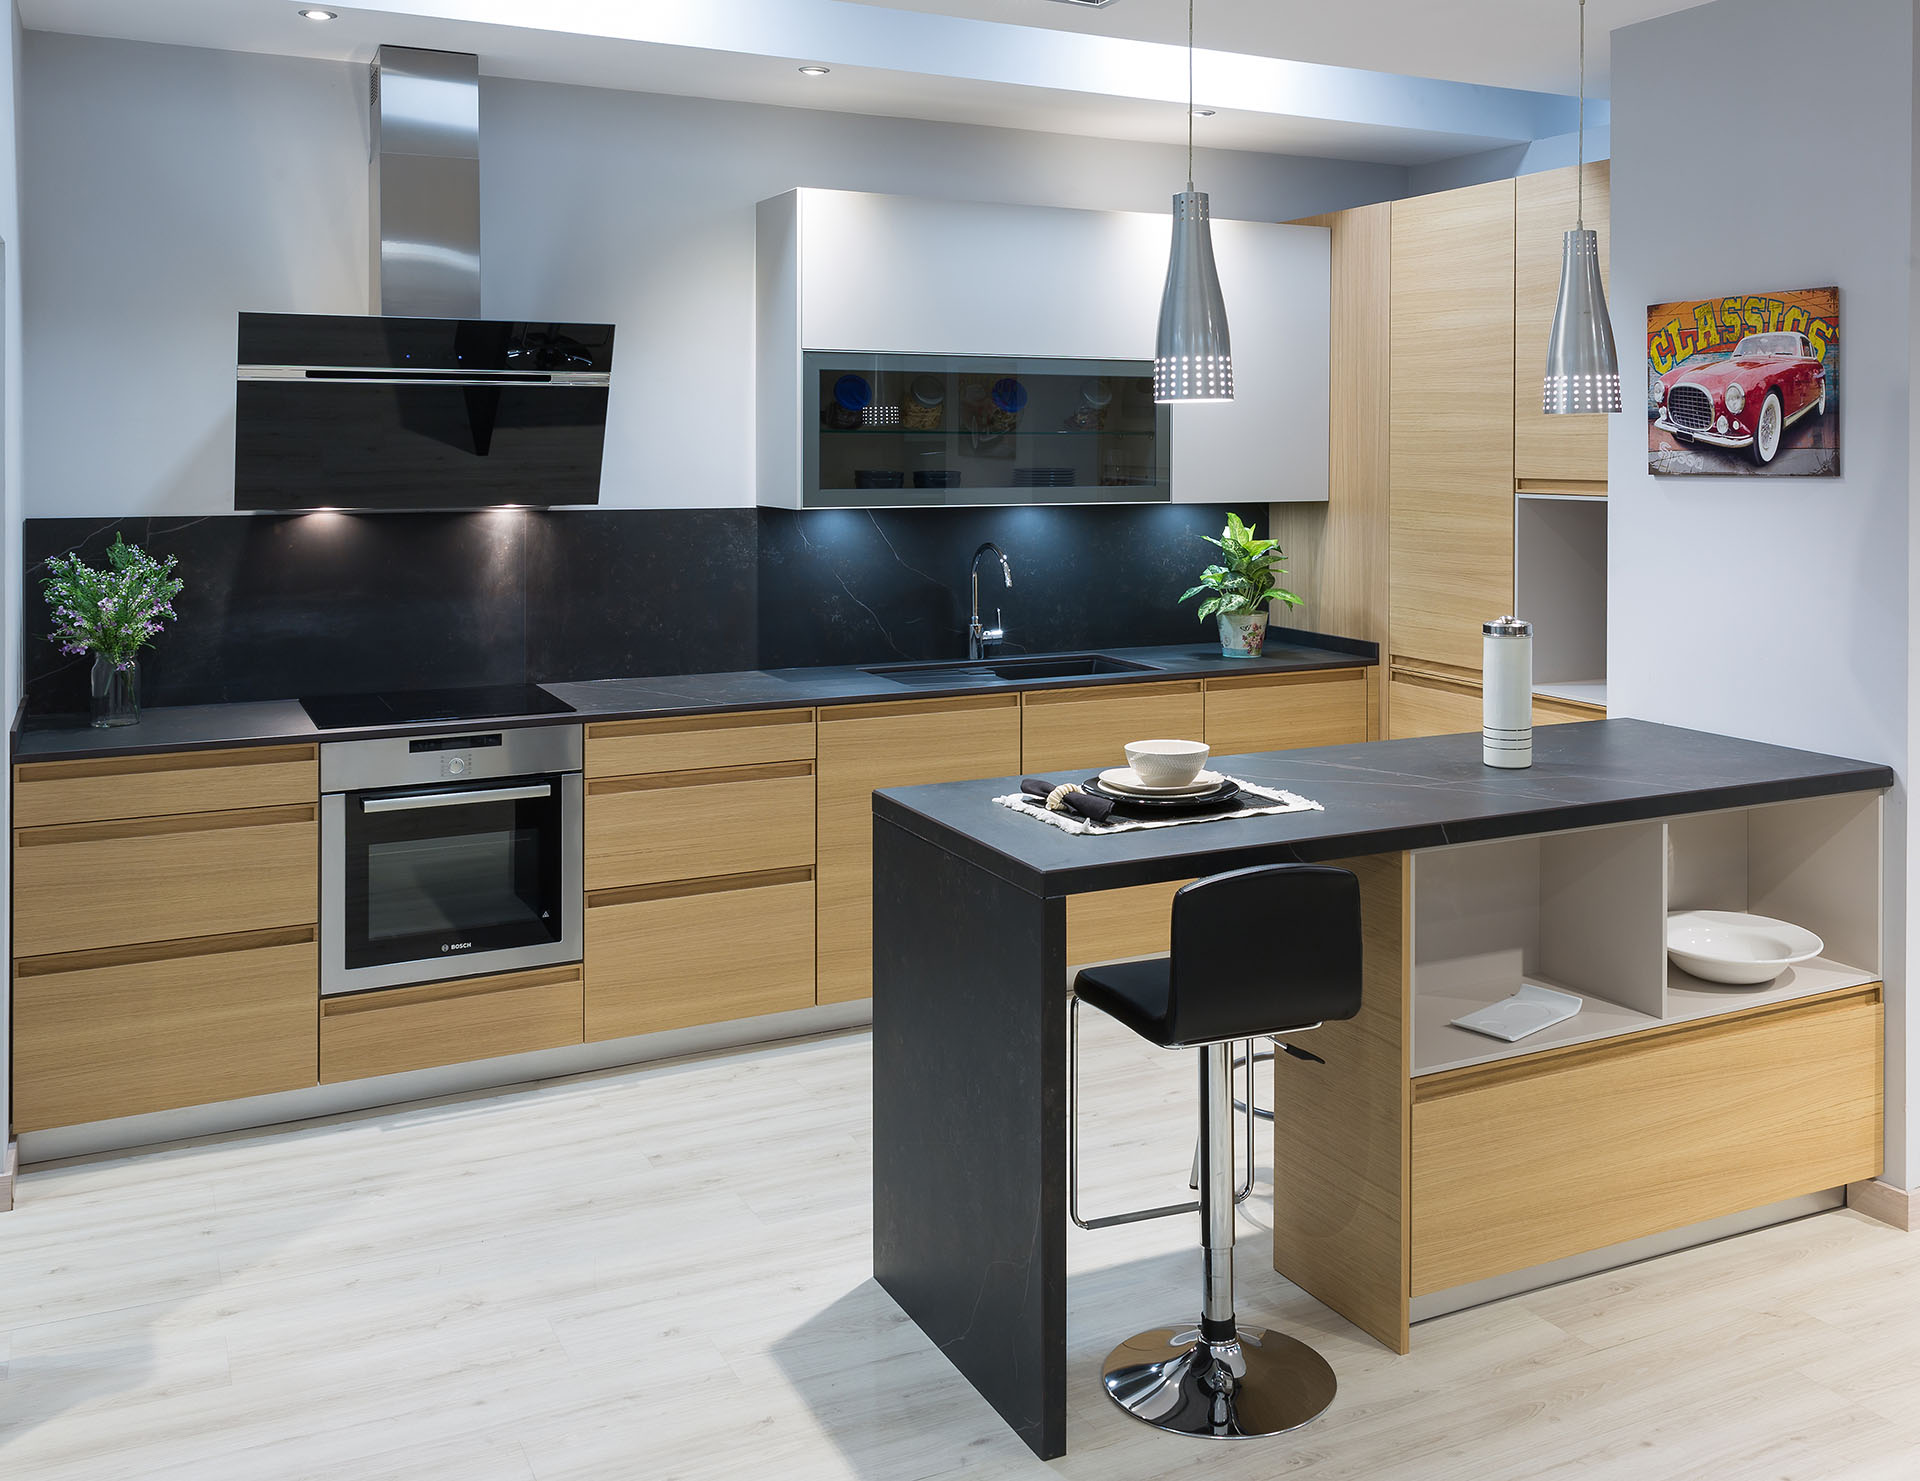 La madera el referente de una cocina con estilo cocinas rio for Muebles cocina madera